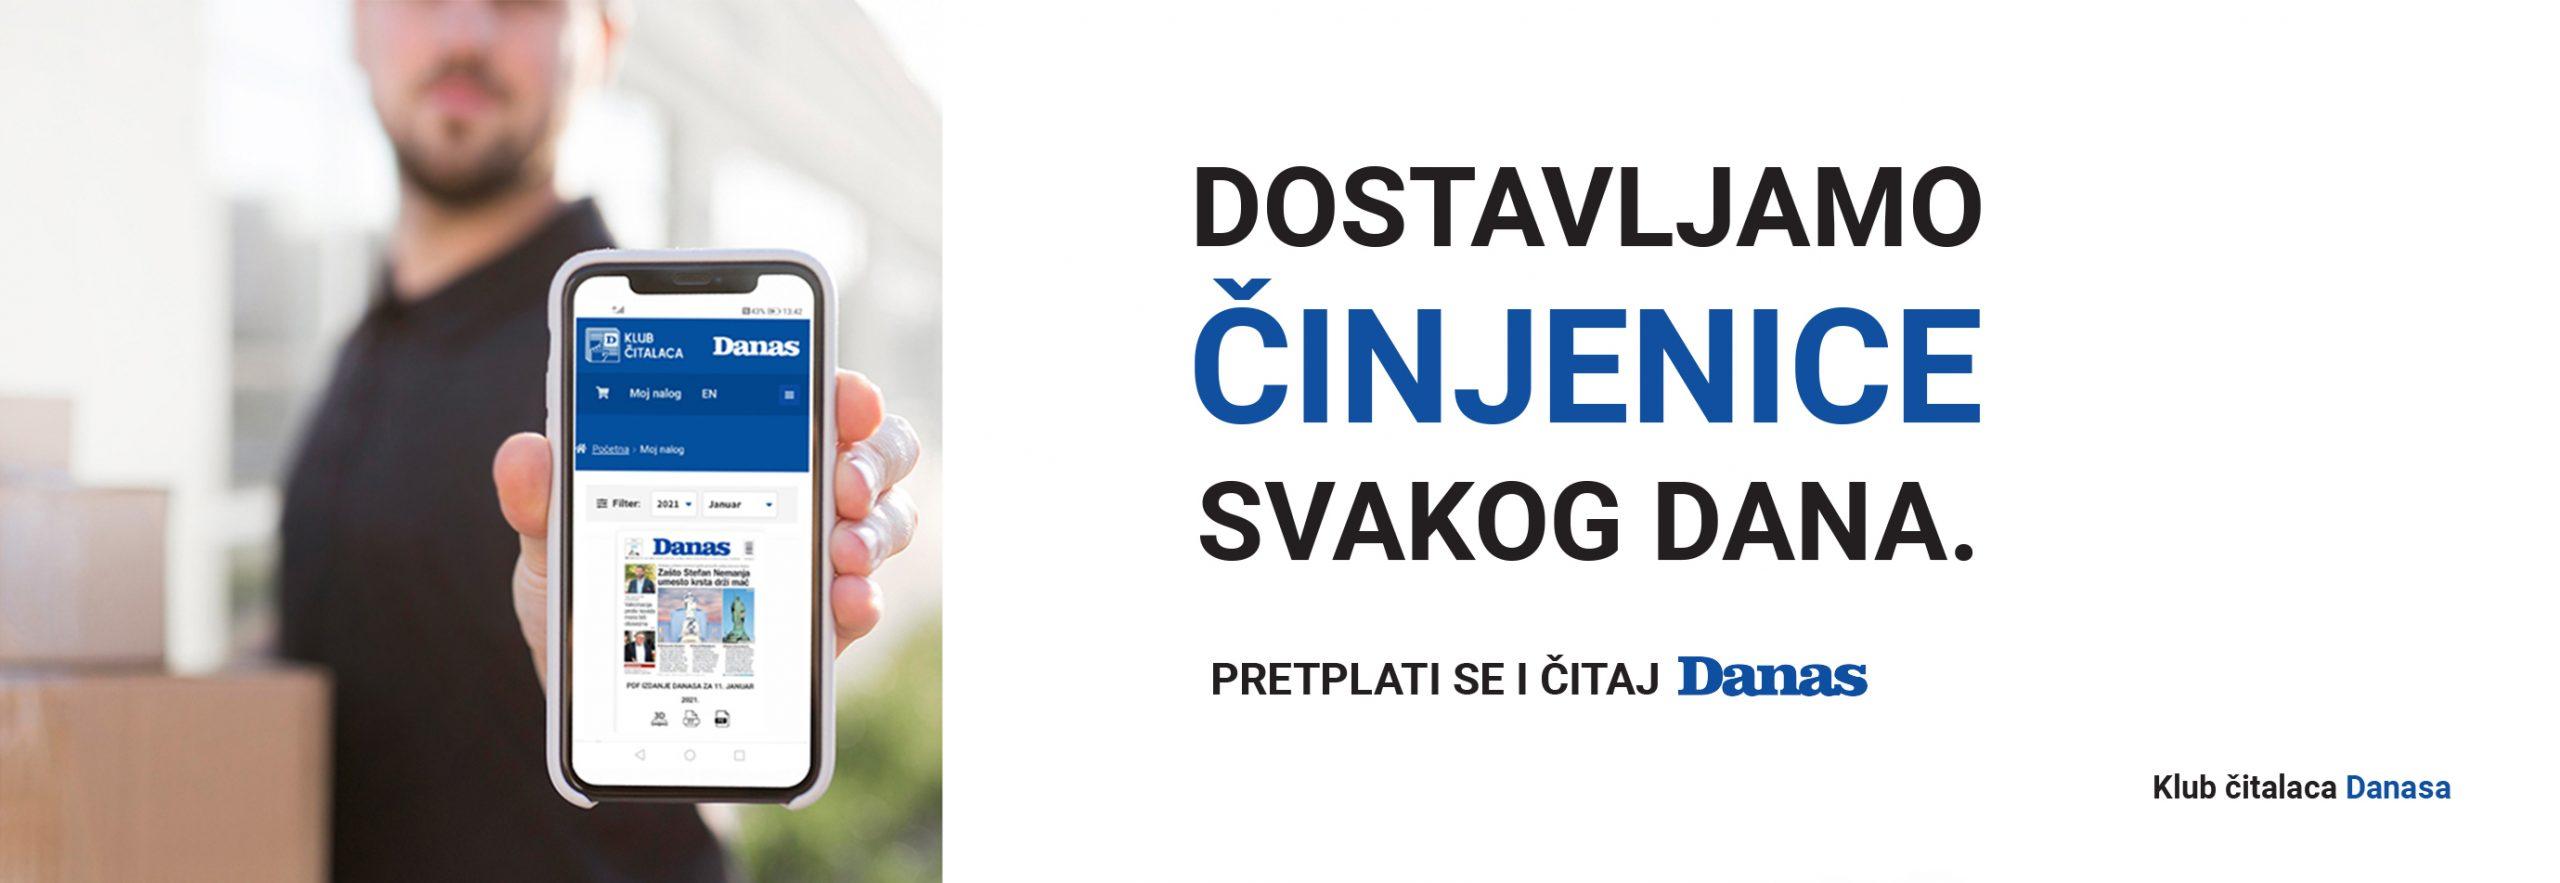 Darko Mitrović: Vlast demonstrira silu 2